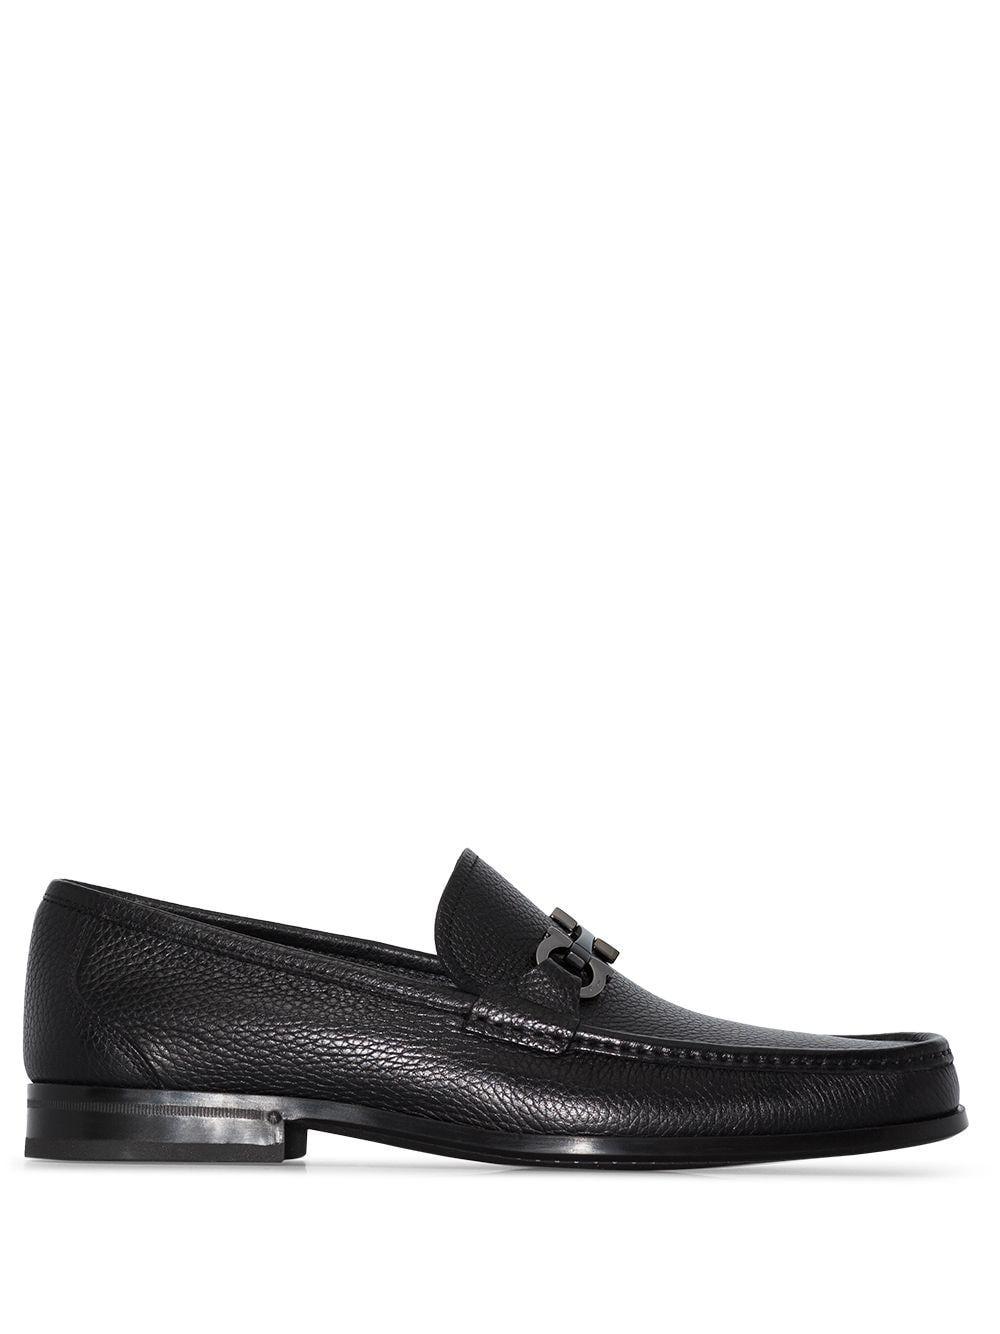 Salvatore ferragamo scarpe basse nero